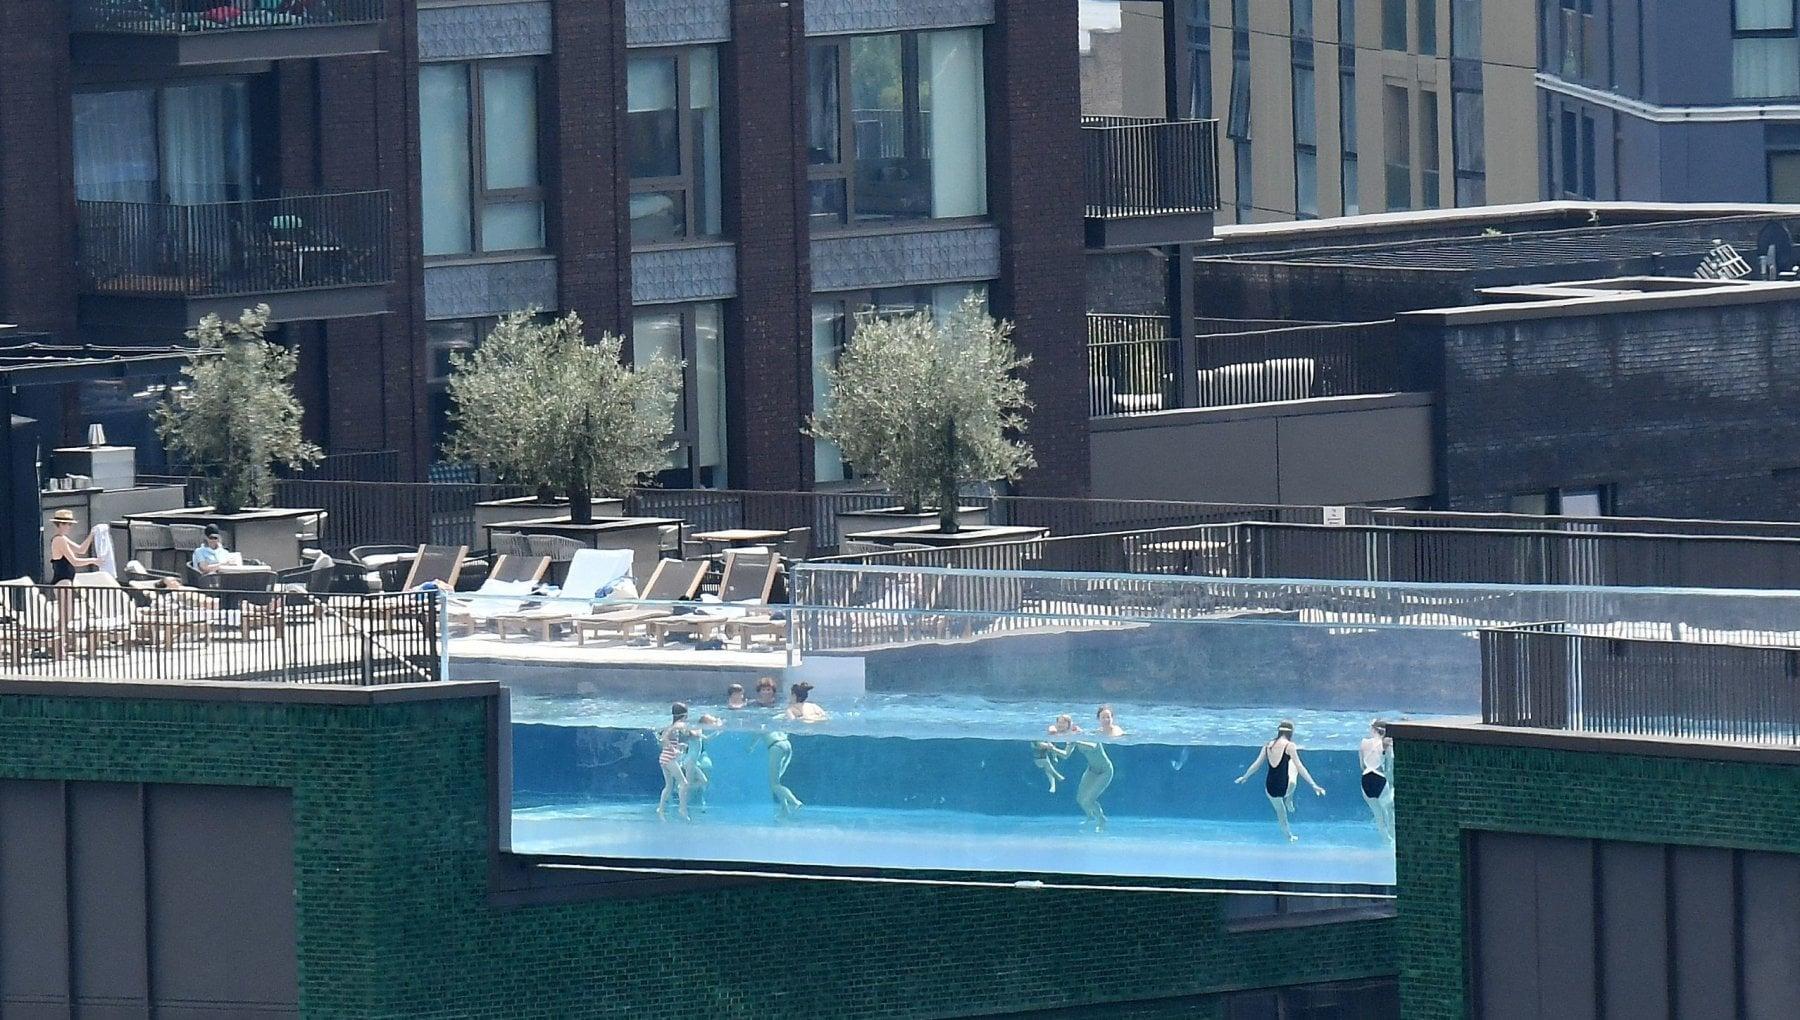 194230258 a3dc5790 7e4f 456c b2b8 6bf853f26e53 - Londra, la spettacolare piscina sospesa tra due palazzi diventa il simbolo delle disuguaglianze